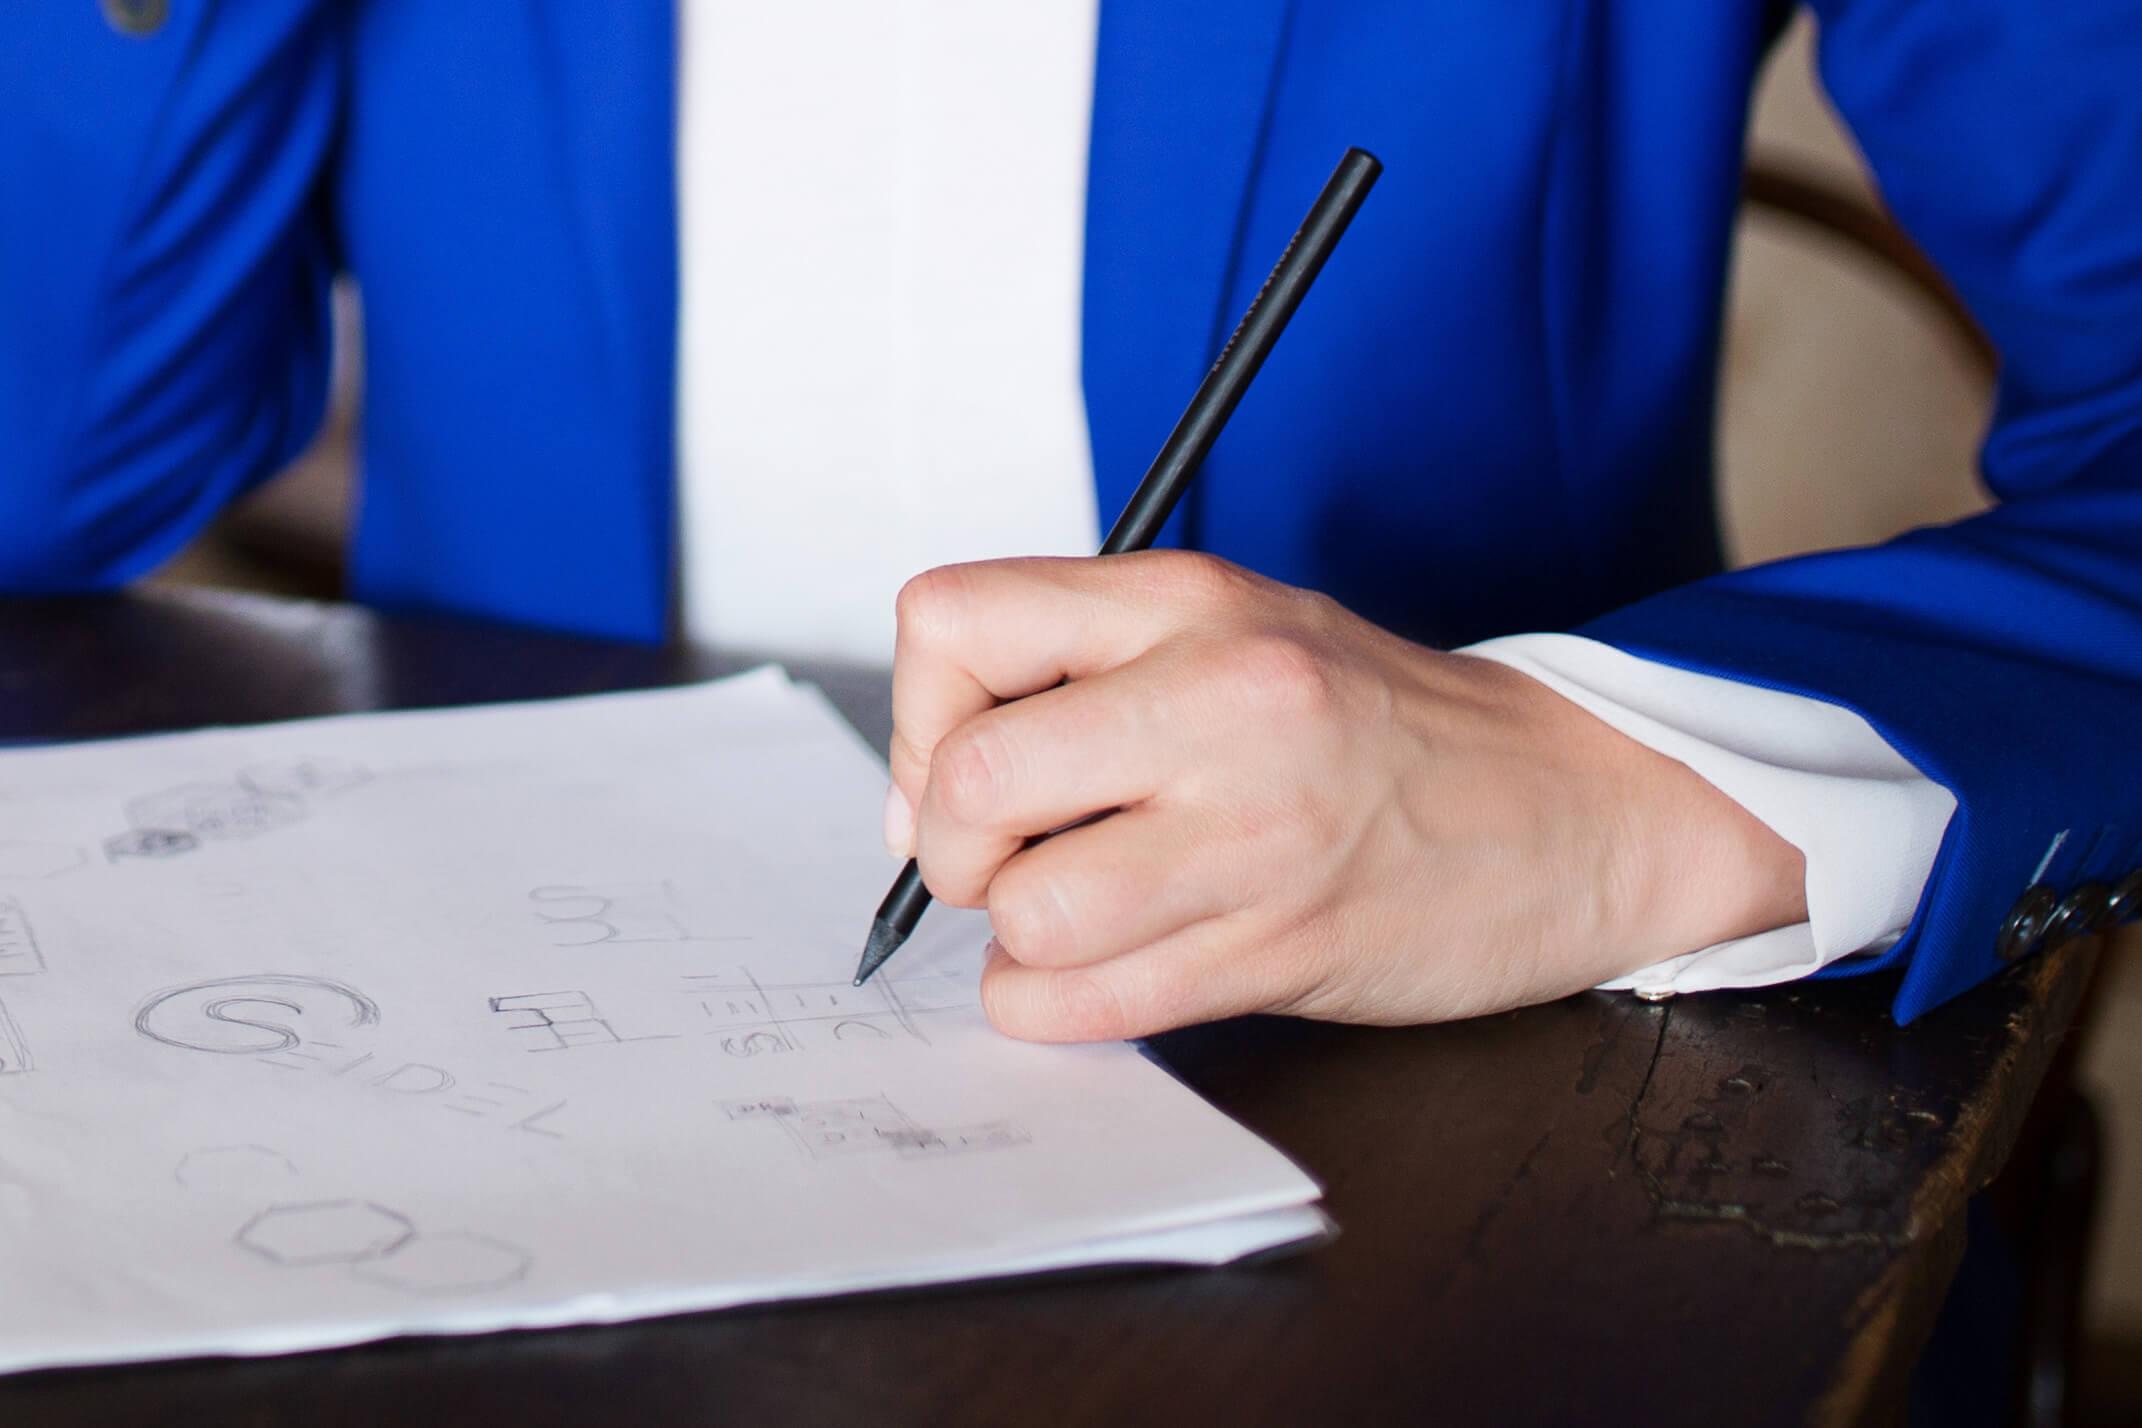 Detailaufnahme einer Person die an einer Markenentwicklung arbeitet